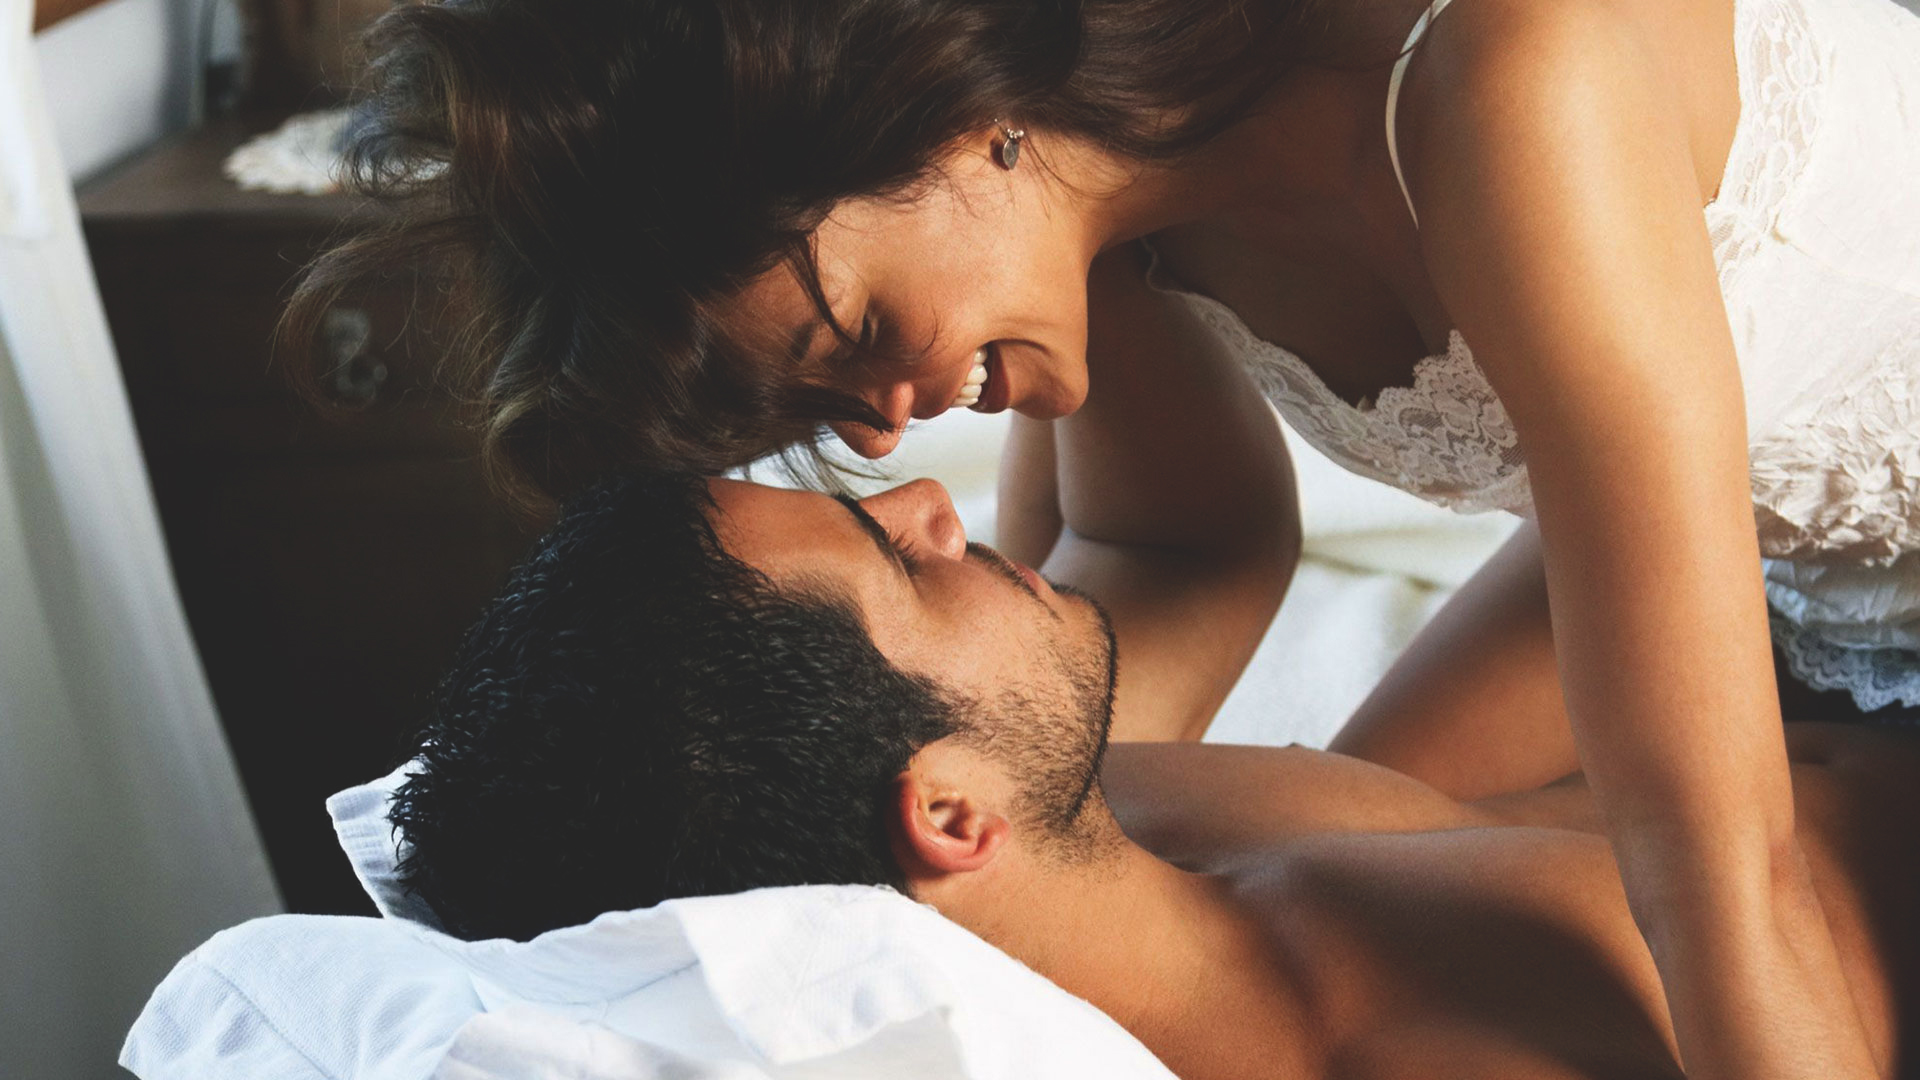 Χουλέ σεξ κατάστημα τσιγάρων Ρίτσμοντ VA